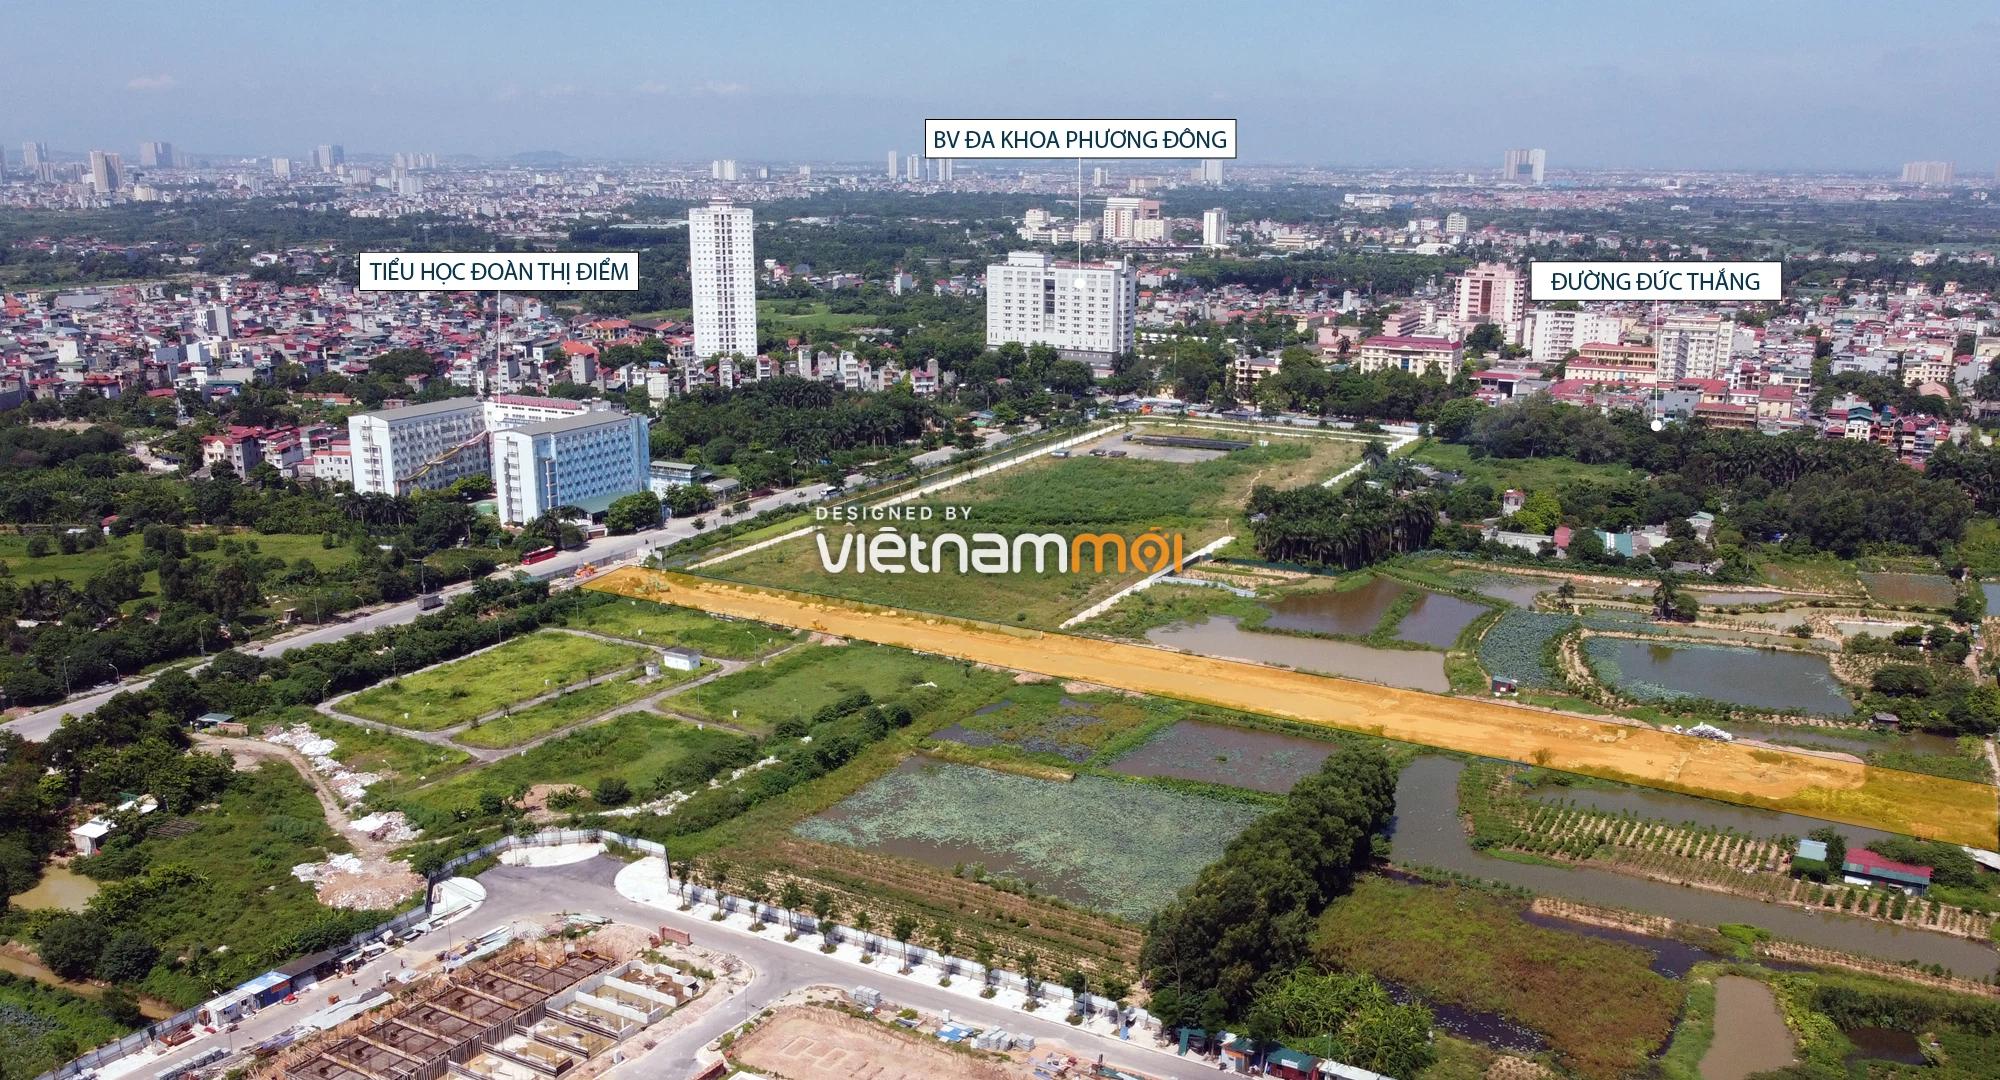 Toàn cảnh tuyến đường nối Hoàng Tăng Bí - Phố Viên đang mở theo quy hoạch ở Hà Nội - Ảnh 14.